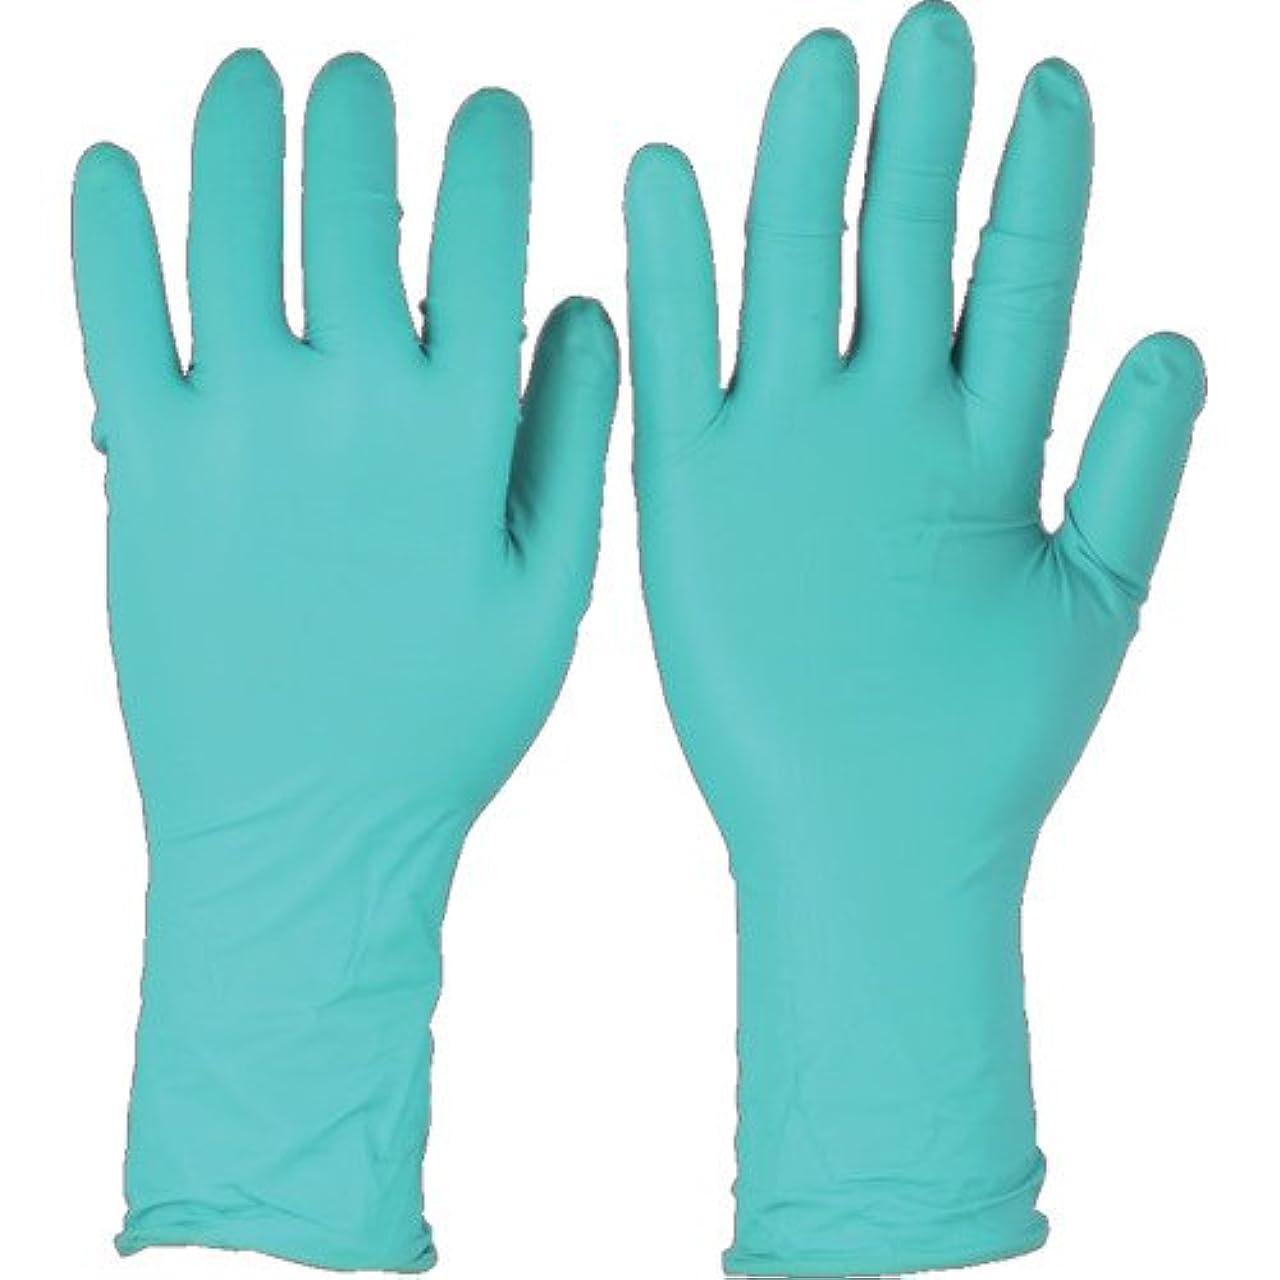 縮れたサッカー静けさアンセル ネオプレンゴム使い捨て手袋 マイクロフレックスMサイズ 50枚入 93260-8